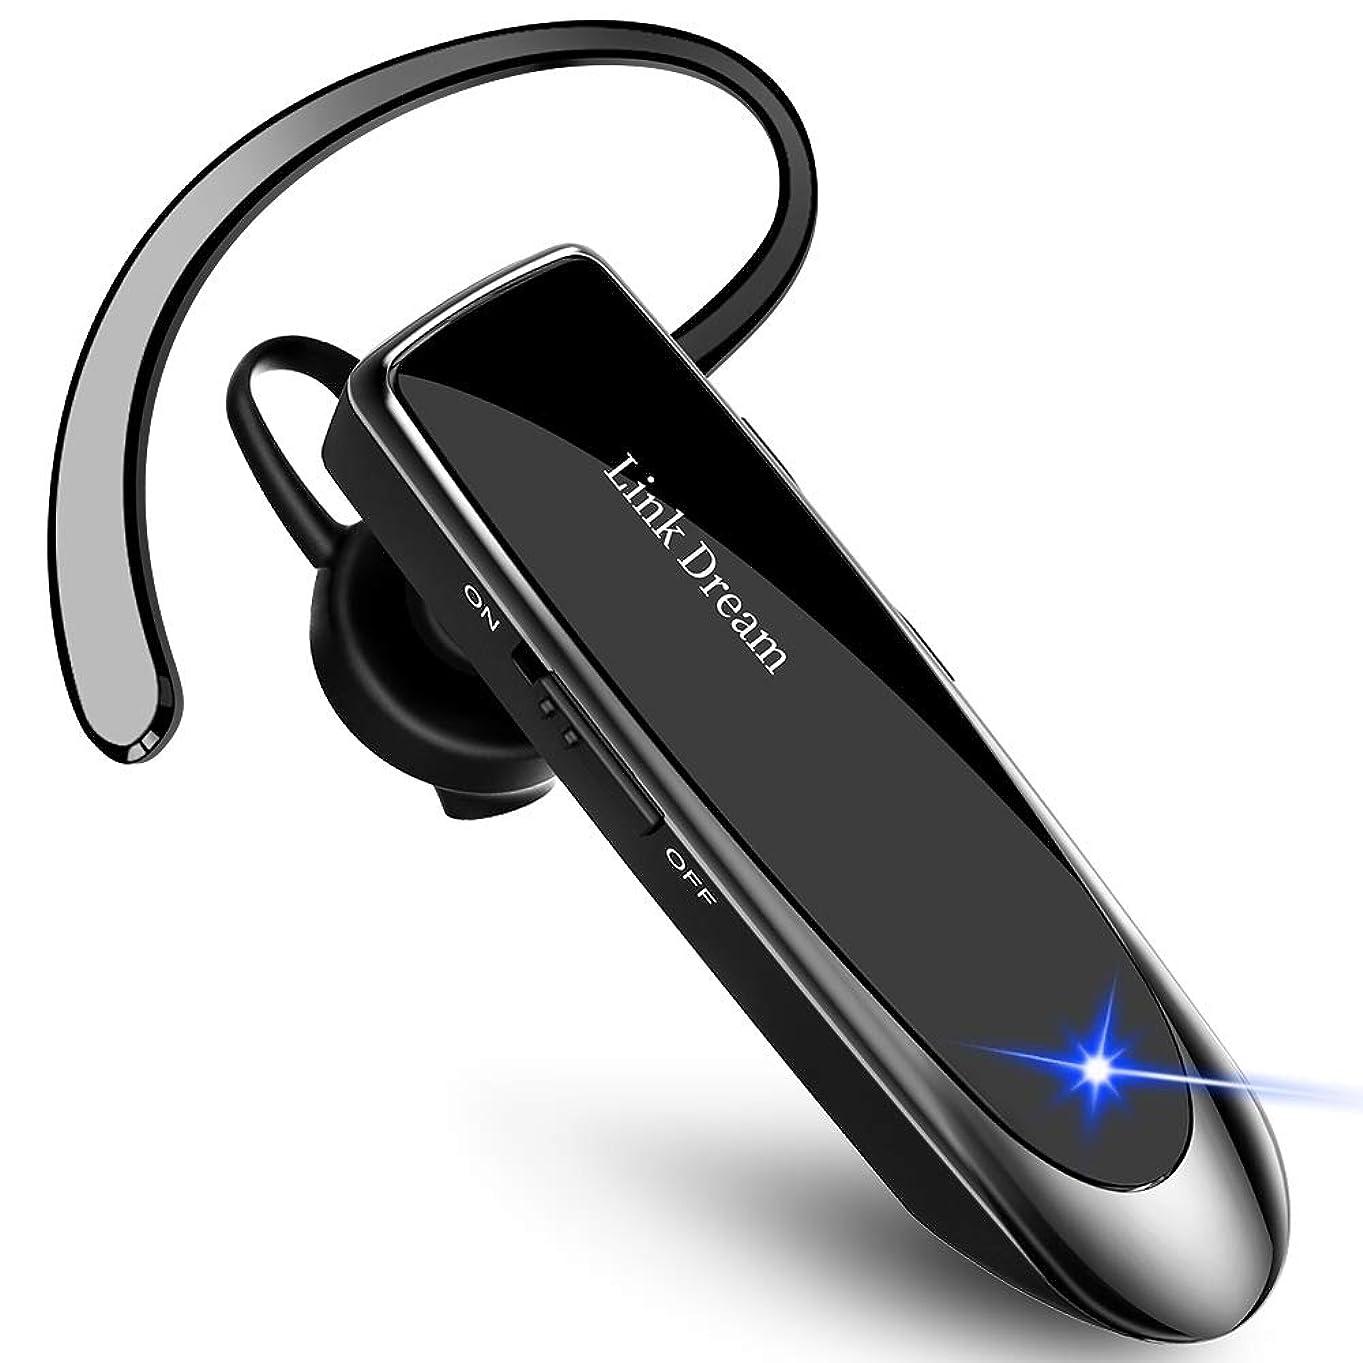 ラック申請中防腐剤Bluetooth ワイヤレス ヘッドセット V4.1 片耳 高音質 日本語音声 マイク内蔵 ハンズフリー通話 日本技適マーク取得品 長持ちイヤホン IOS Android Windows対応 (黒)